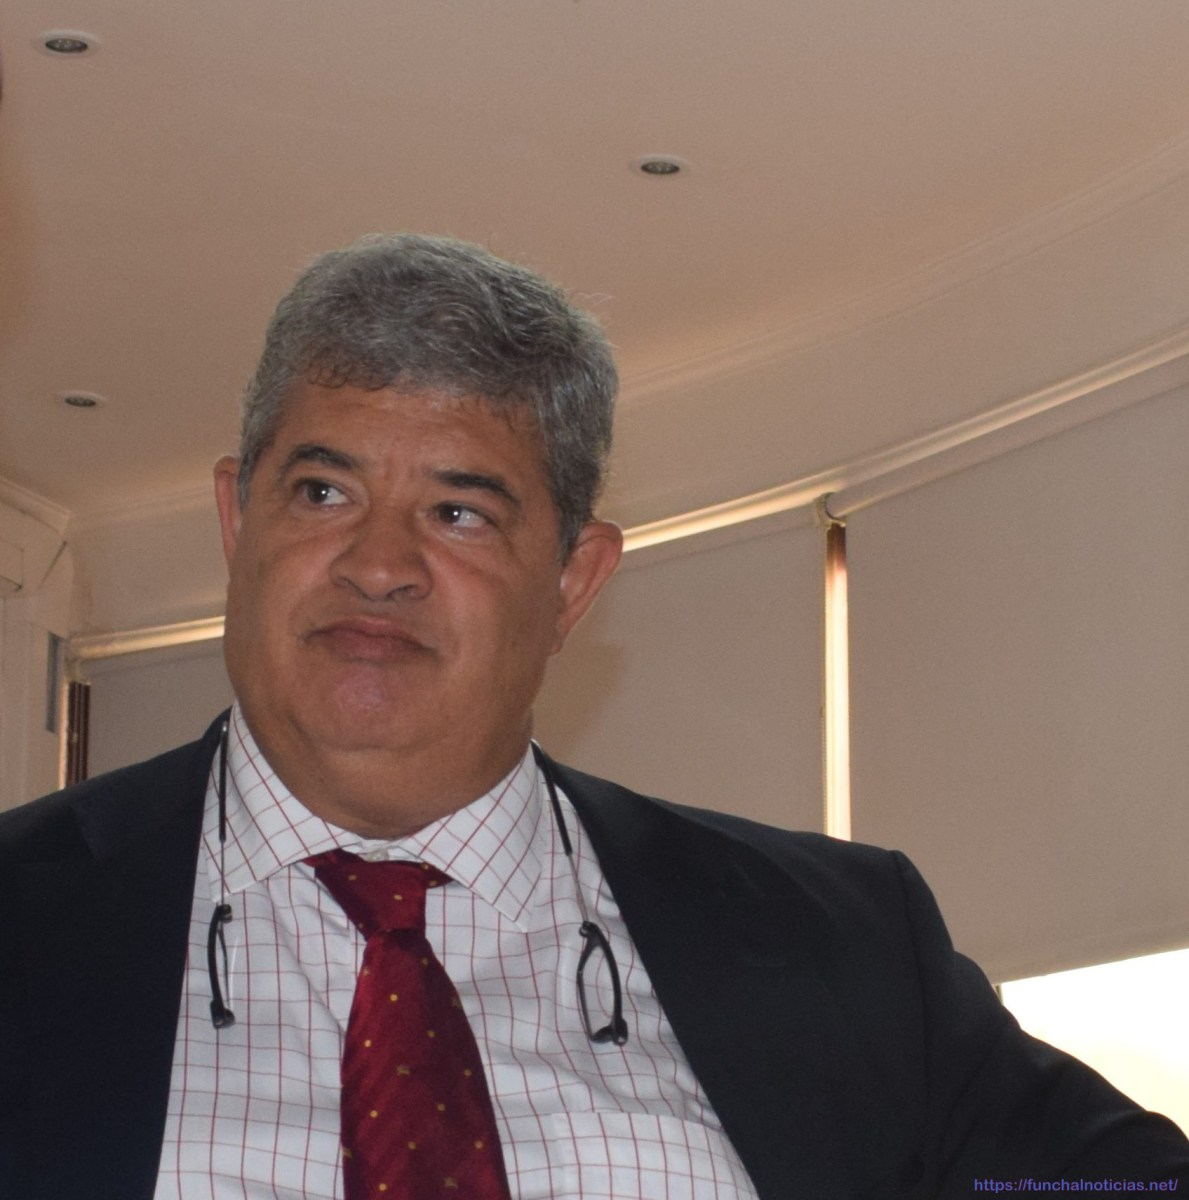 O primeiro ministro não sabe fazer contas mas o novo Hospital tem concurso em outubro e expropriações estão a 70%